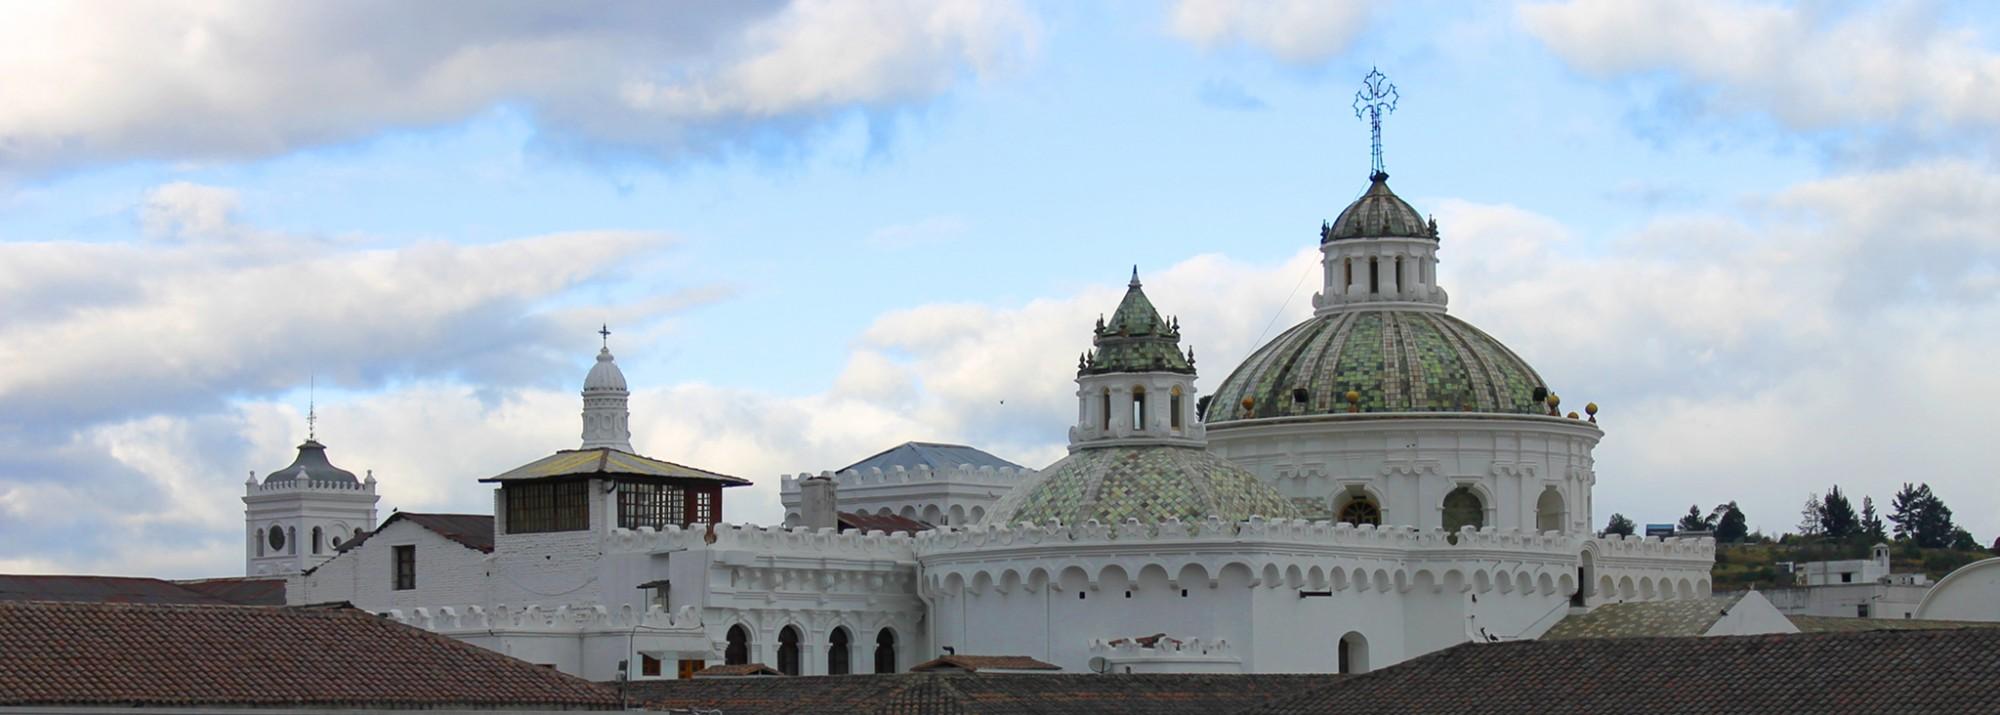 Quito, Hauptstadt von Ecuador